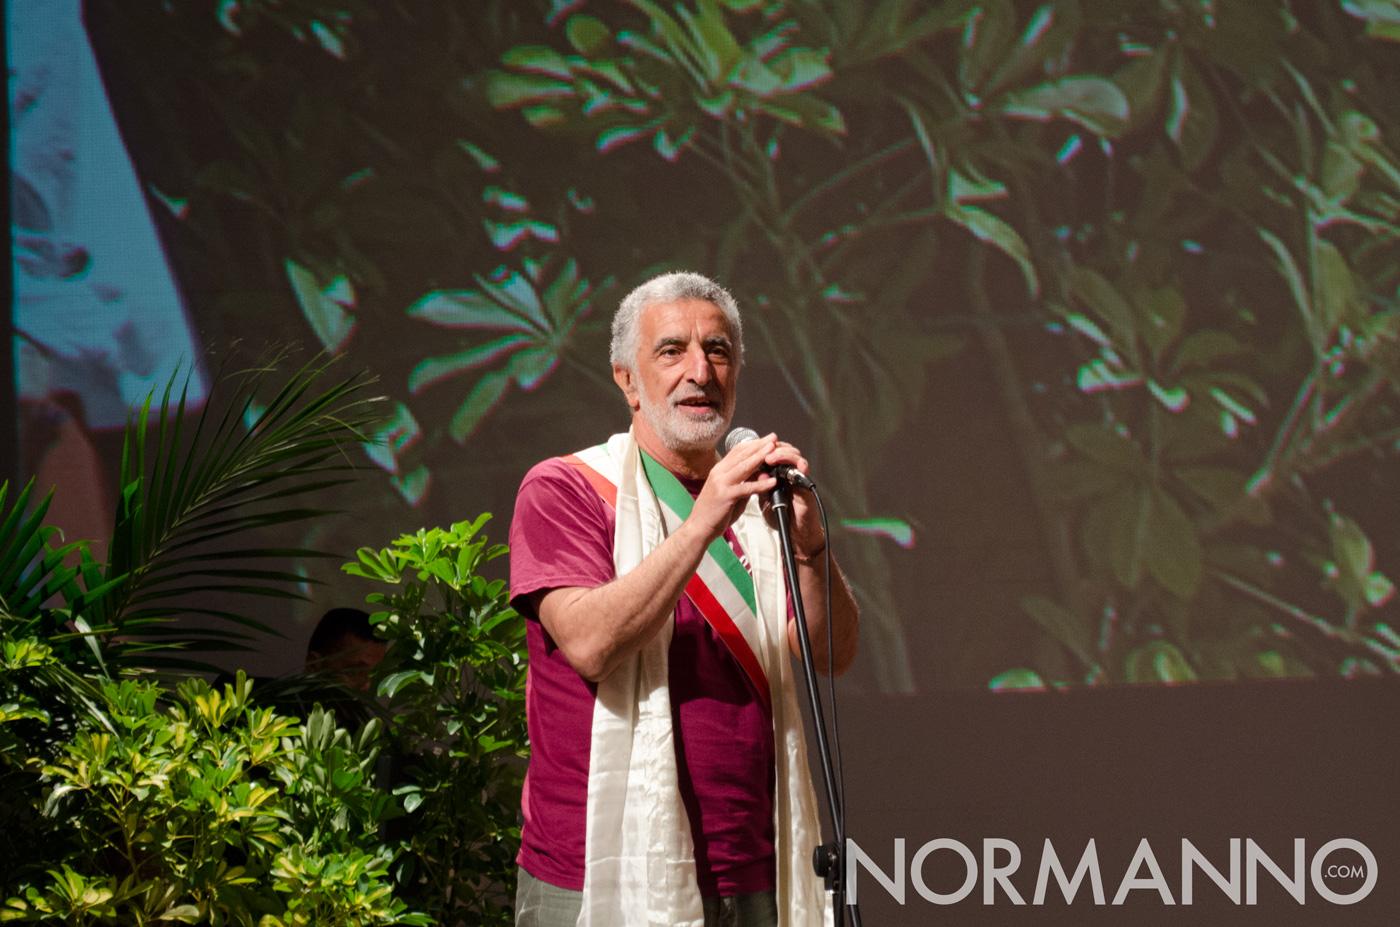 Foto del Sindaco Renato Accorinti con la fascia donata dal Dalai Lama, Messina